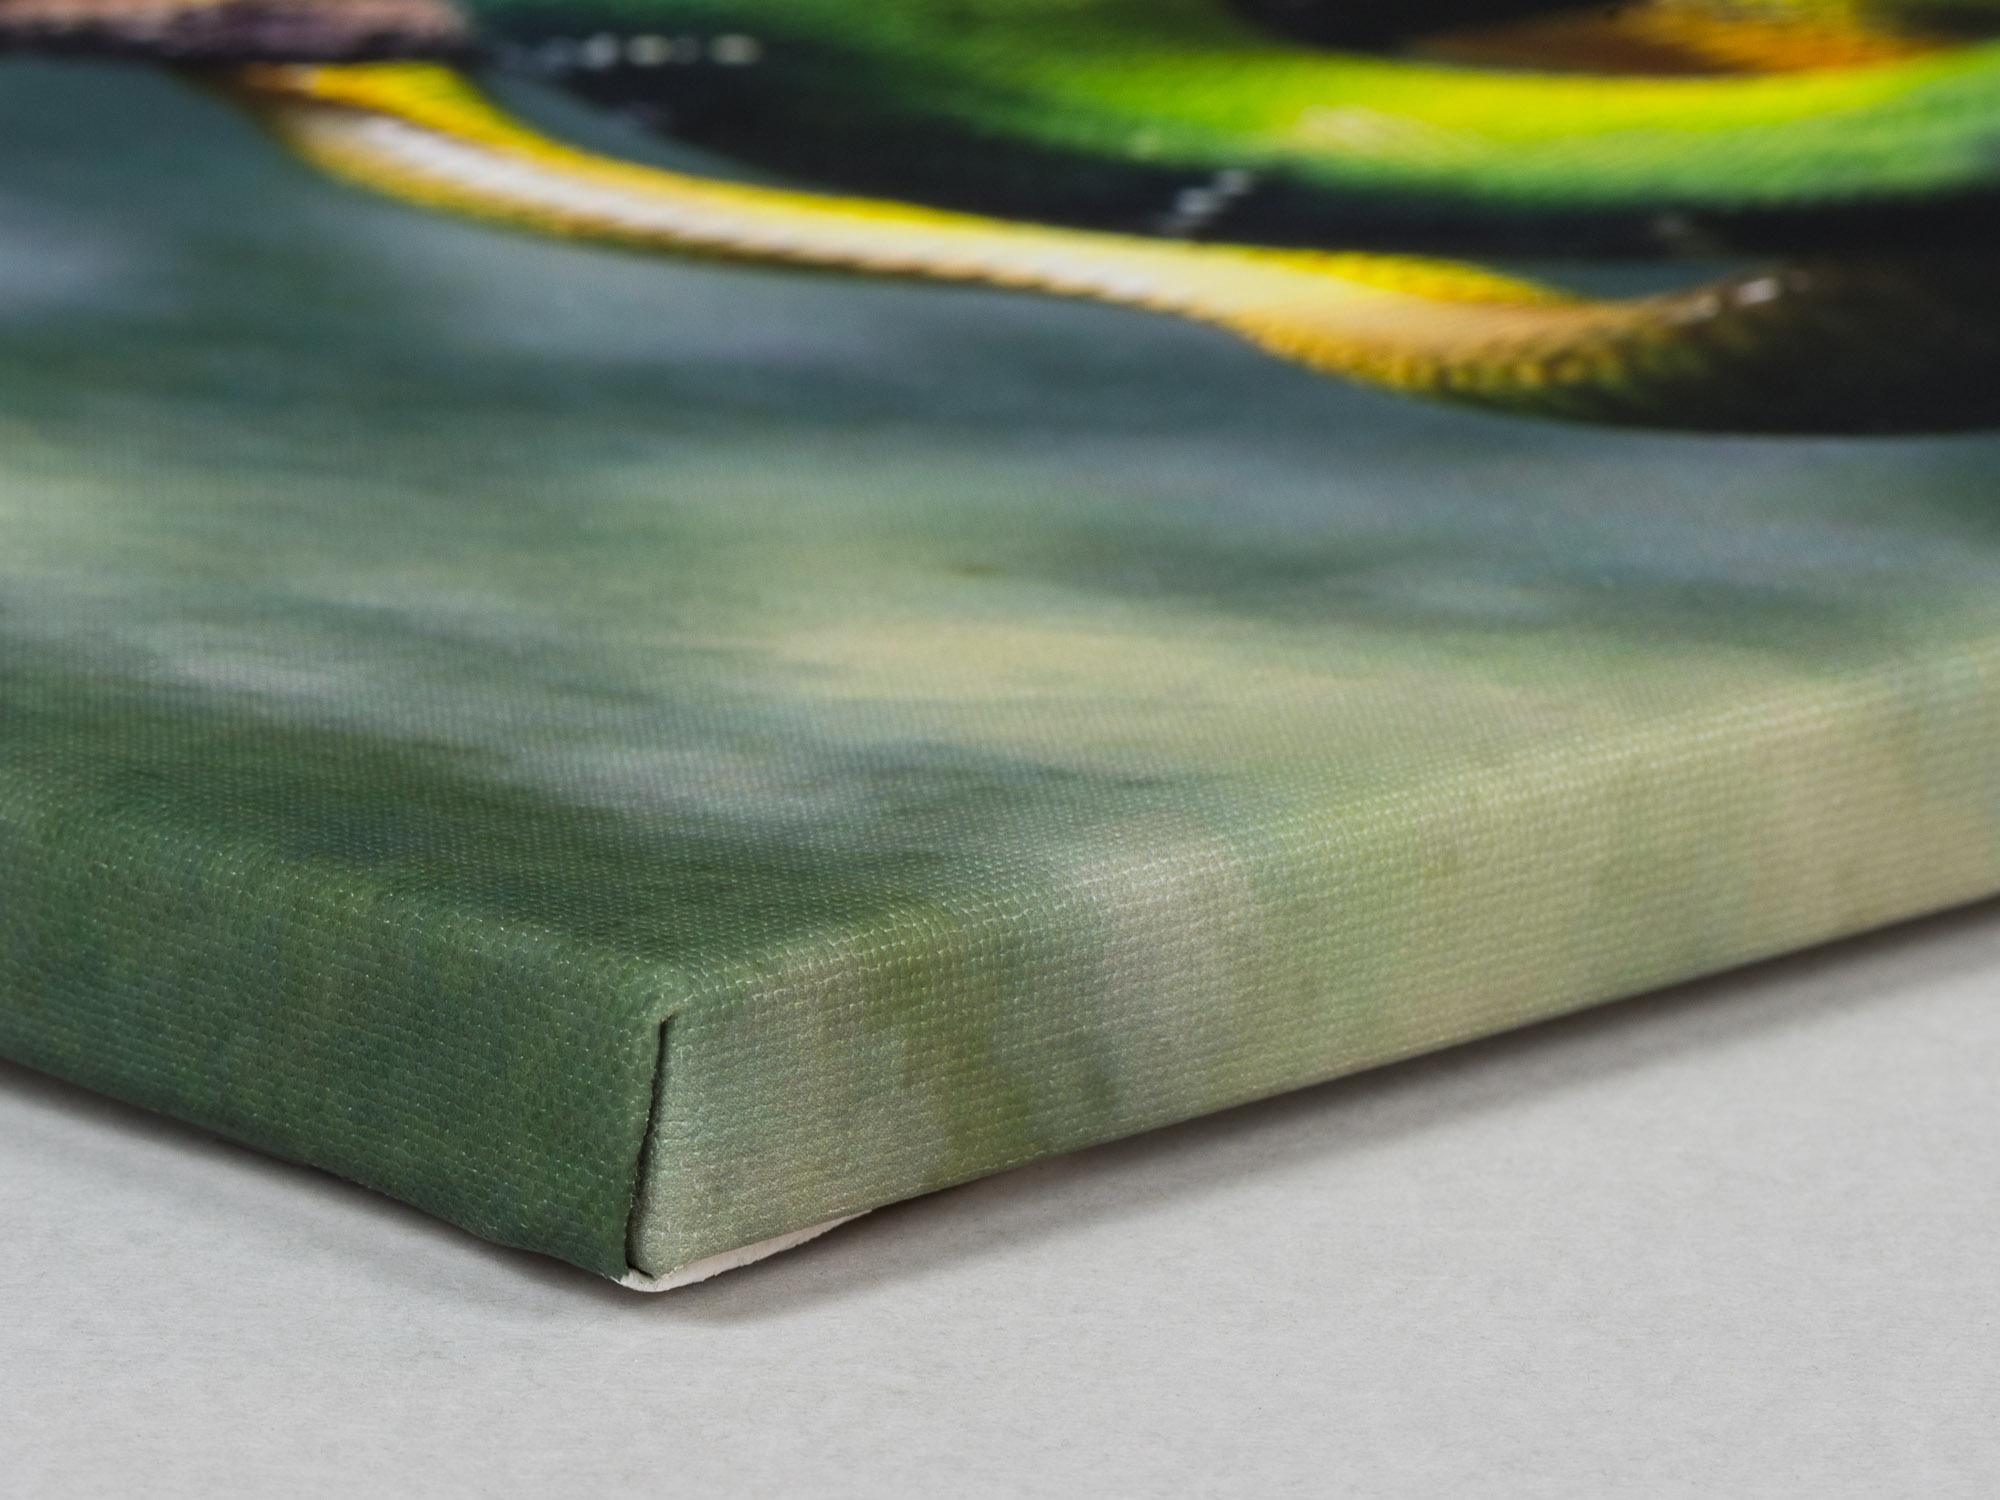 Canvastavla, 16mm kilram, egen bild